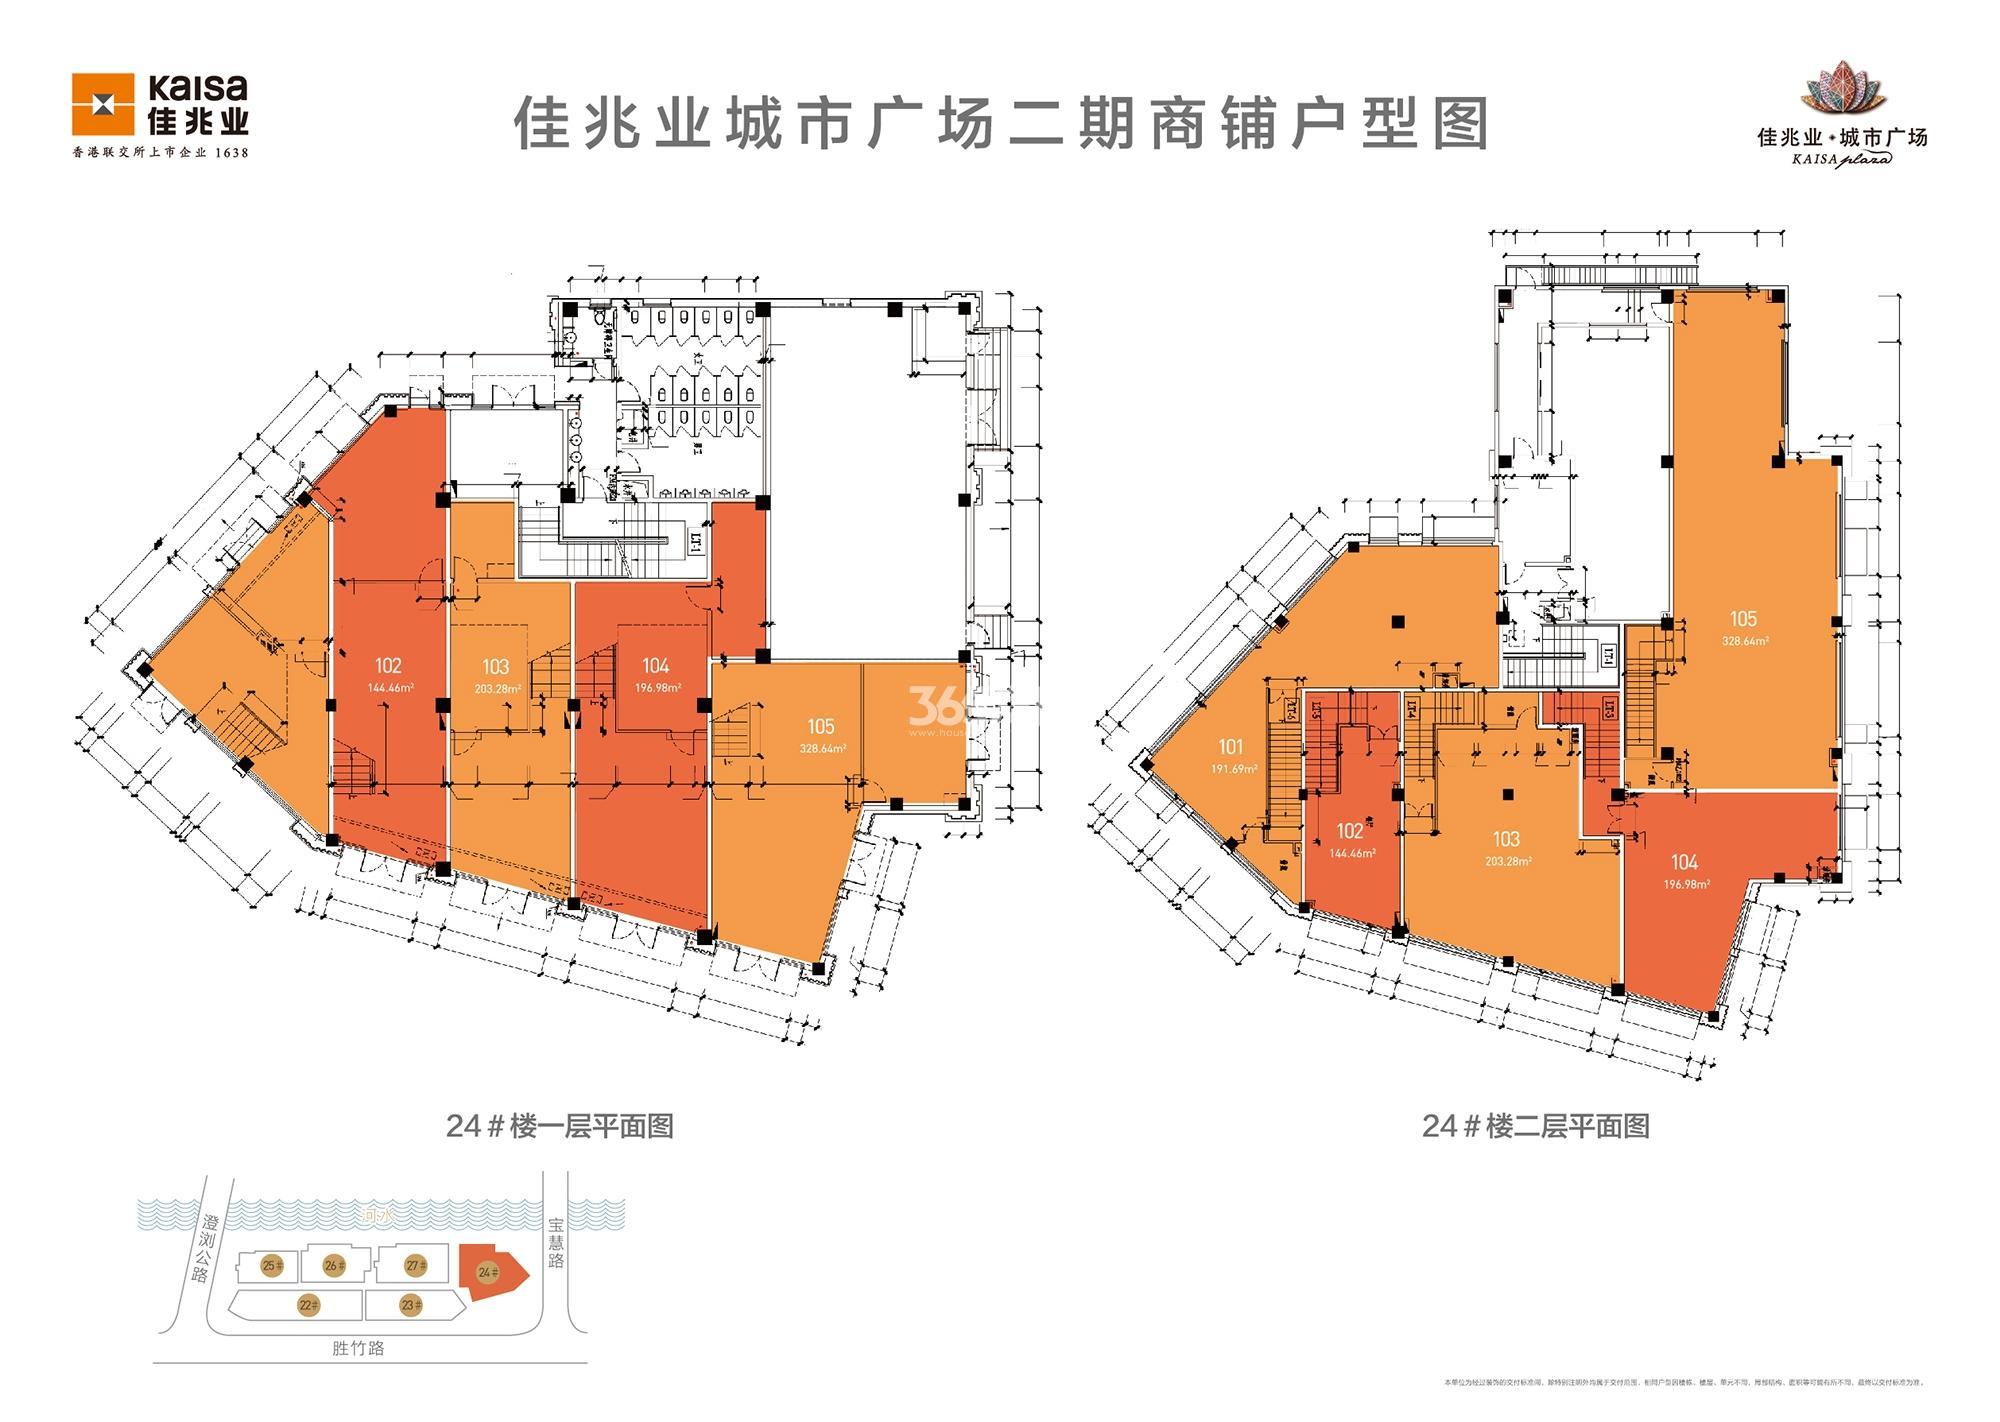 24#楼商铺户型图